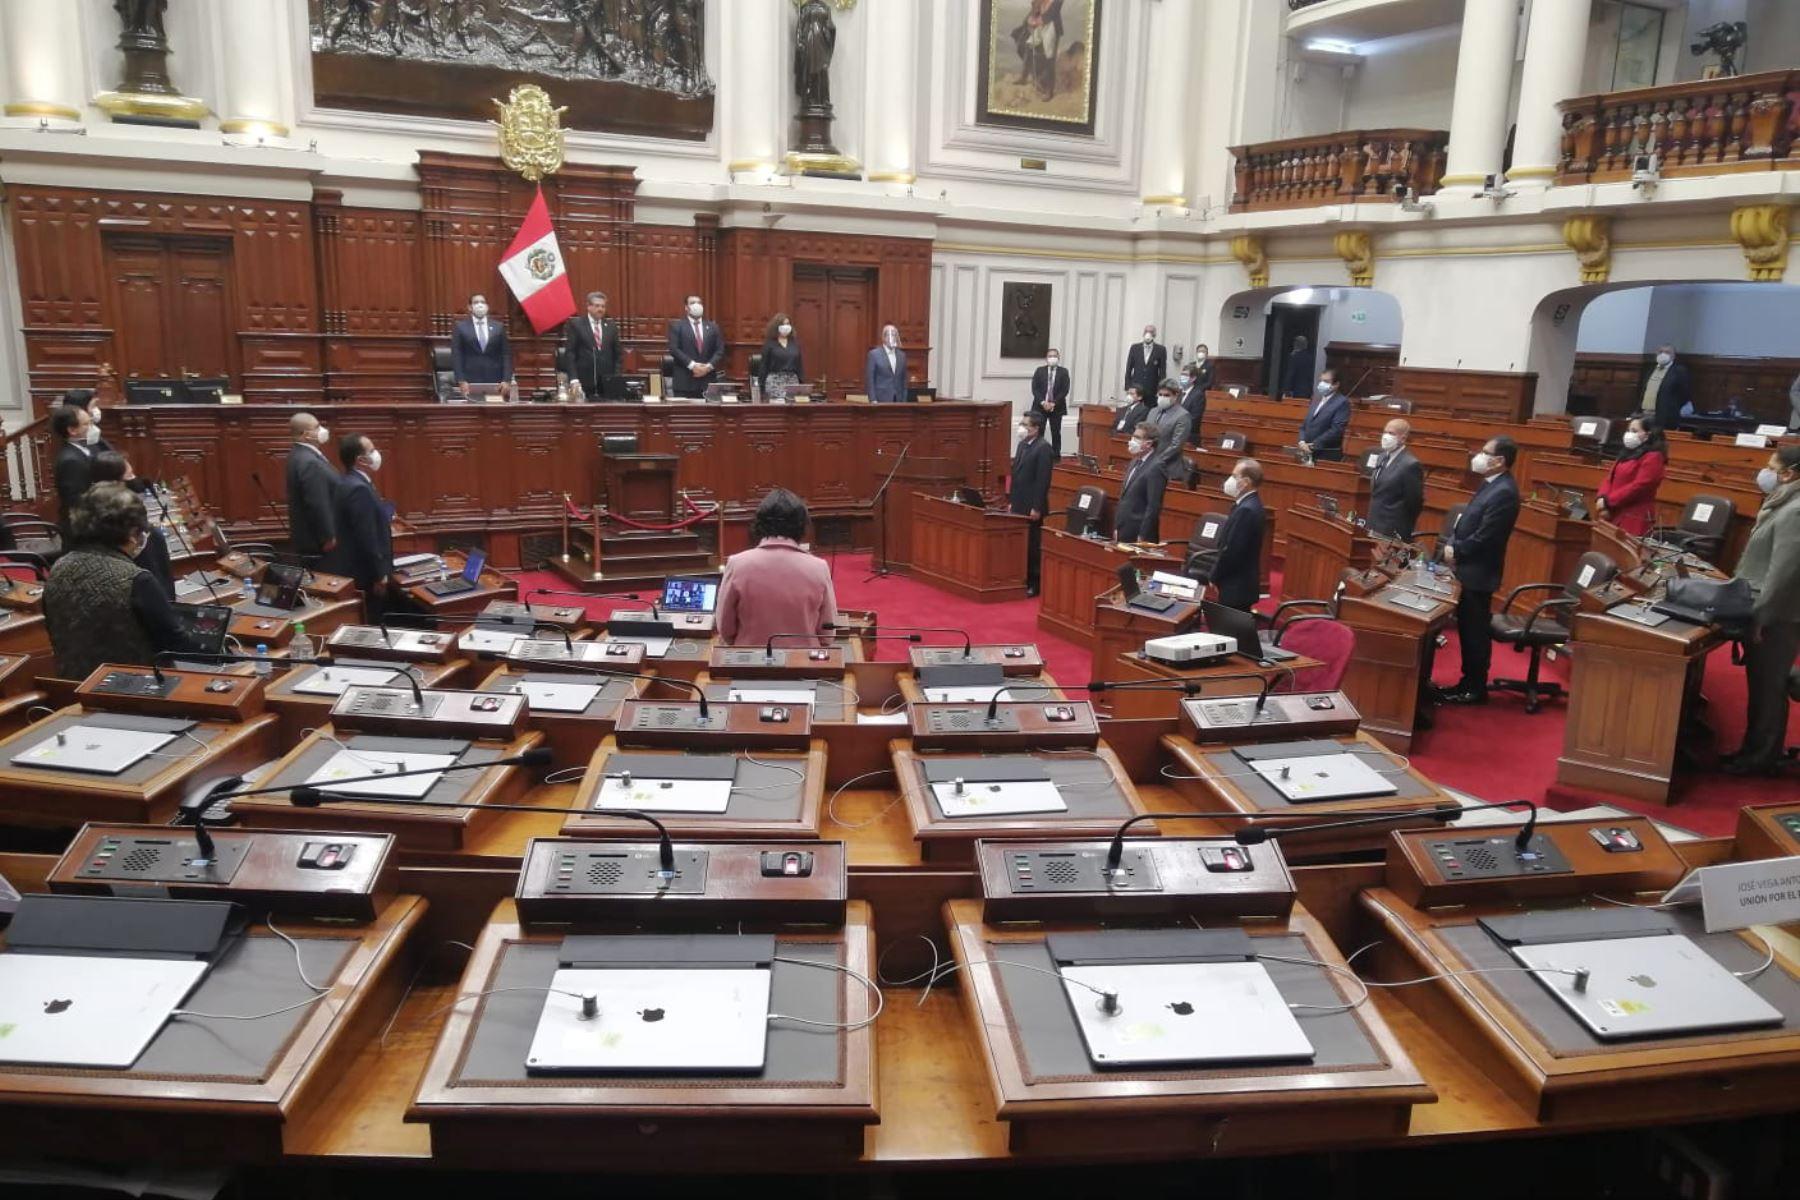 congreso-no-alcanzo-acuerdo-sobre-proyecto-de-ley-de-reforma-agraria